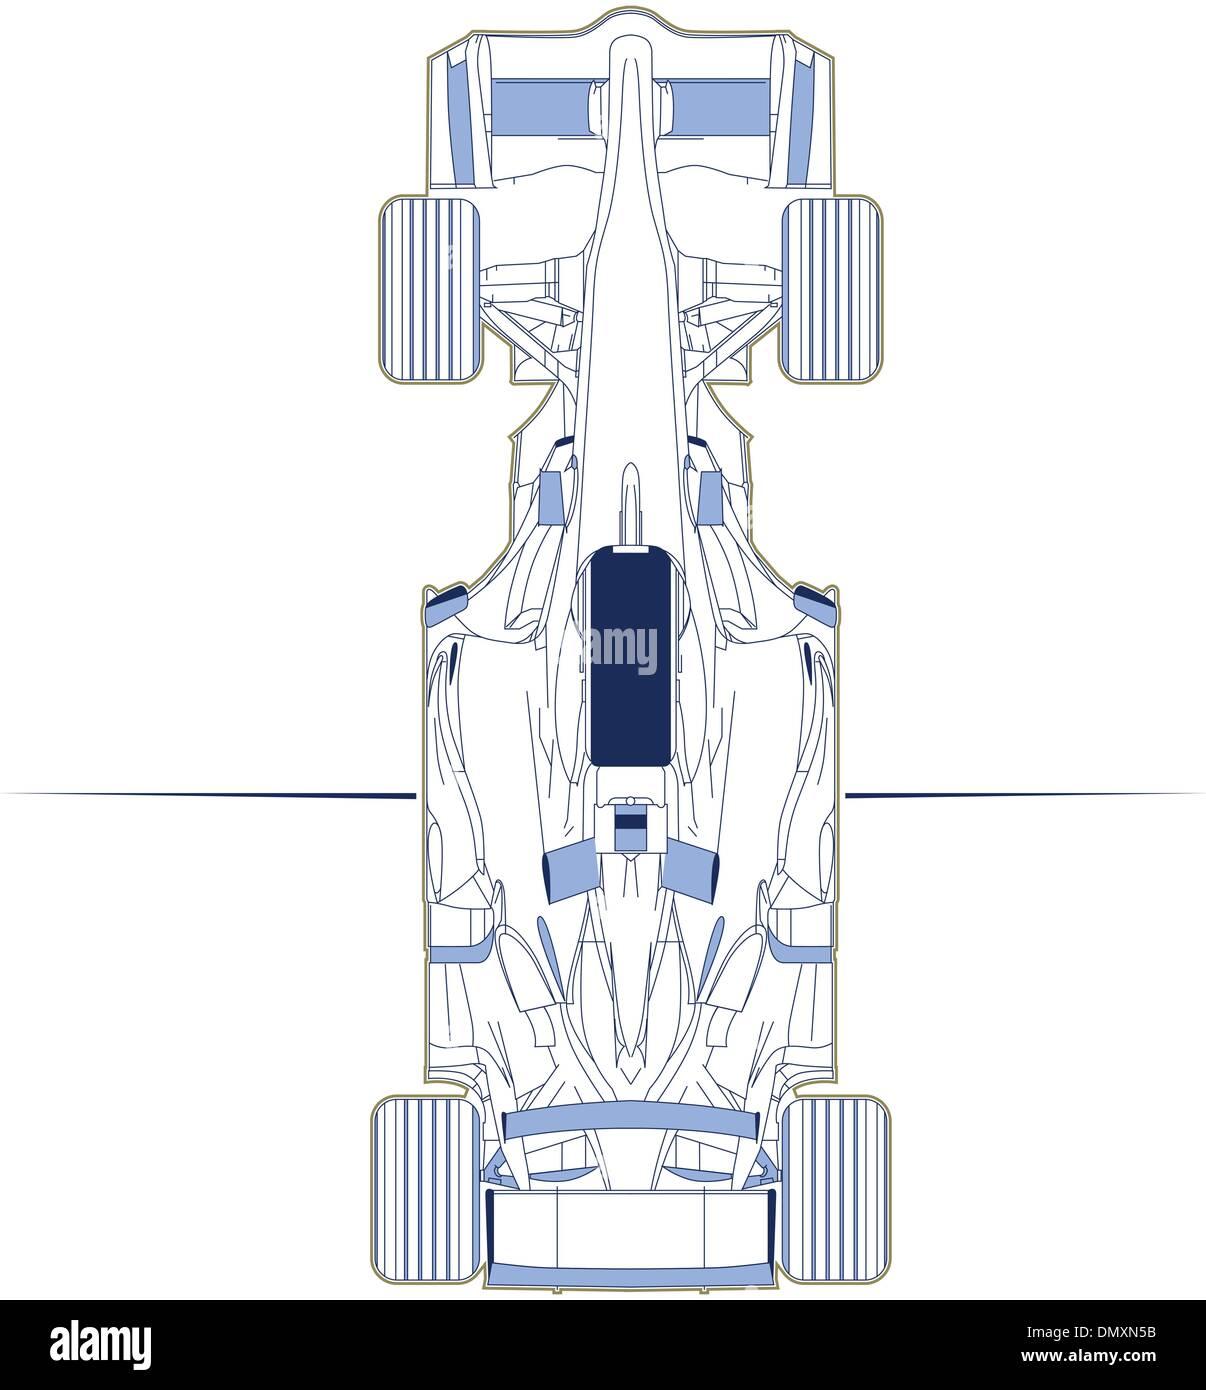 F1 Auto Schema Draufsicht Vektor Abbildung - Bild: 64511591 - Alamy